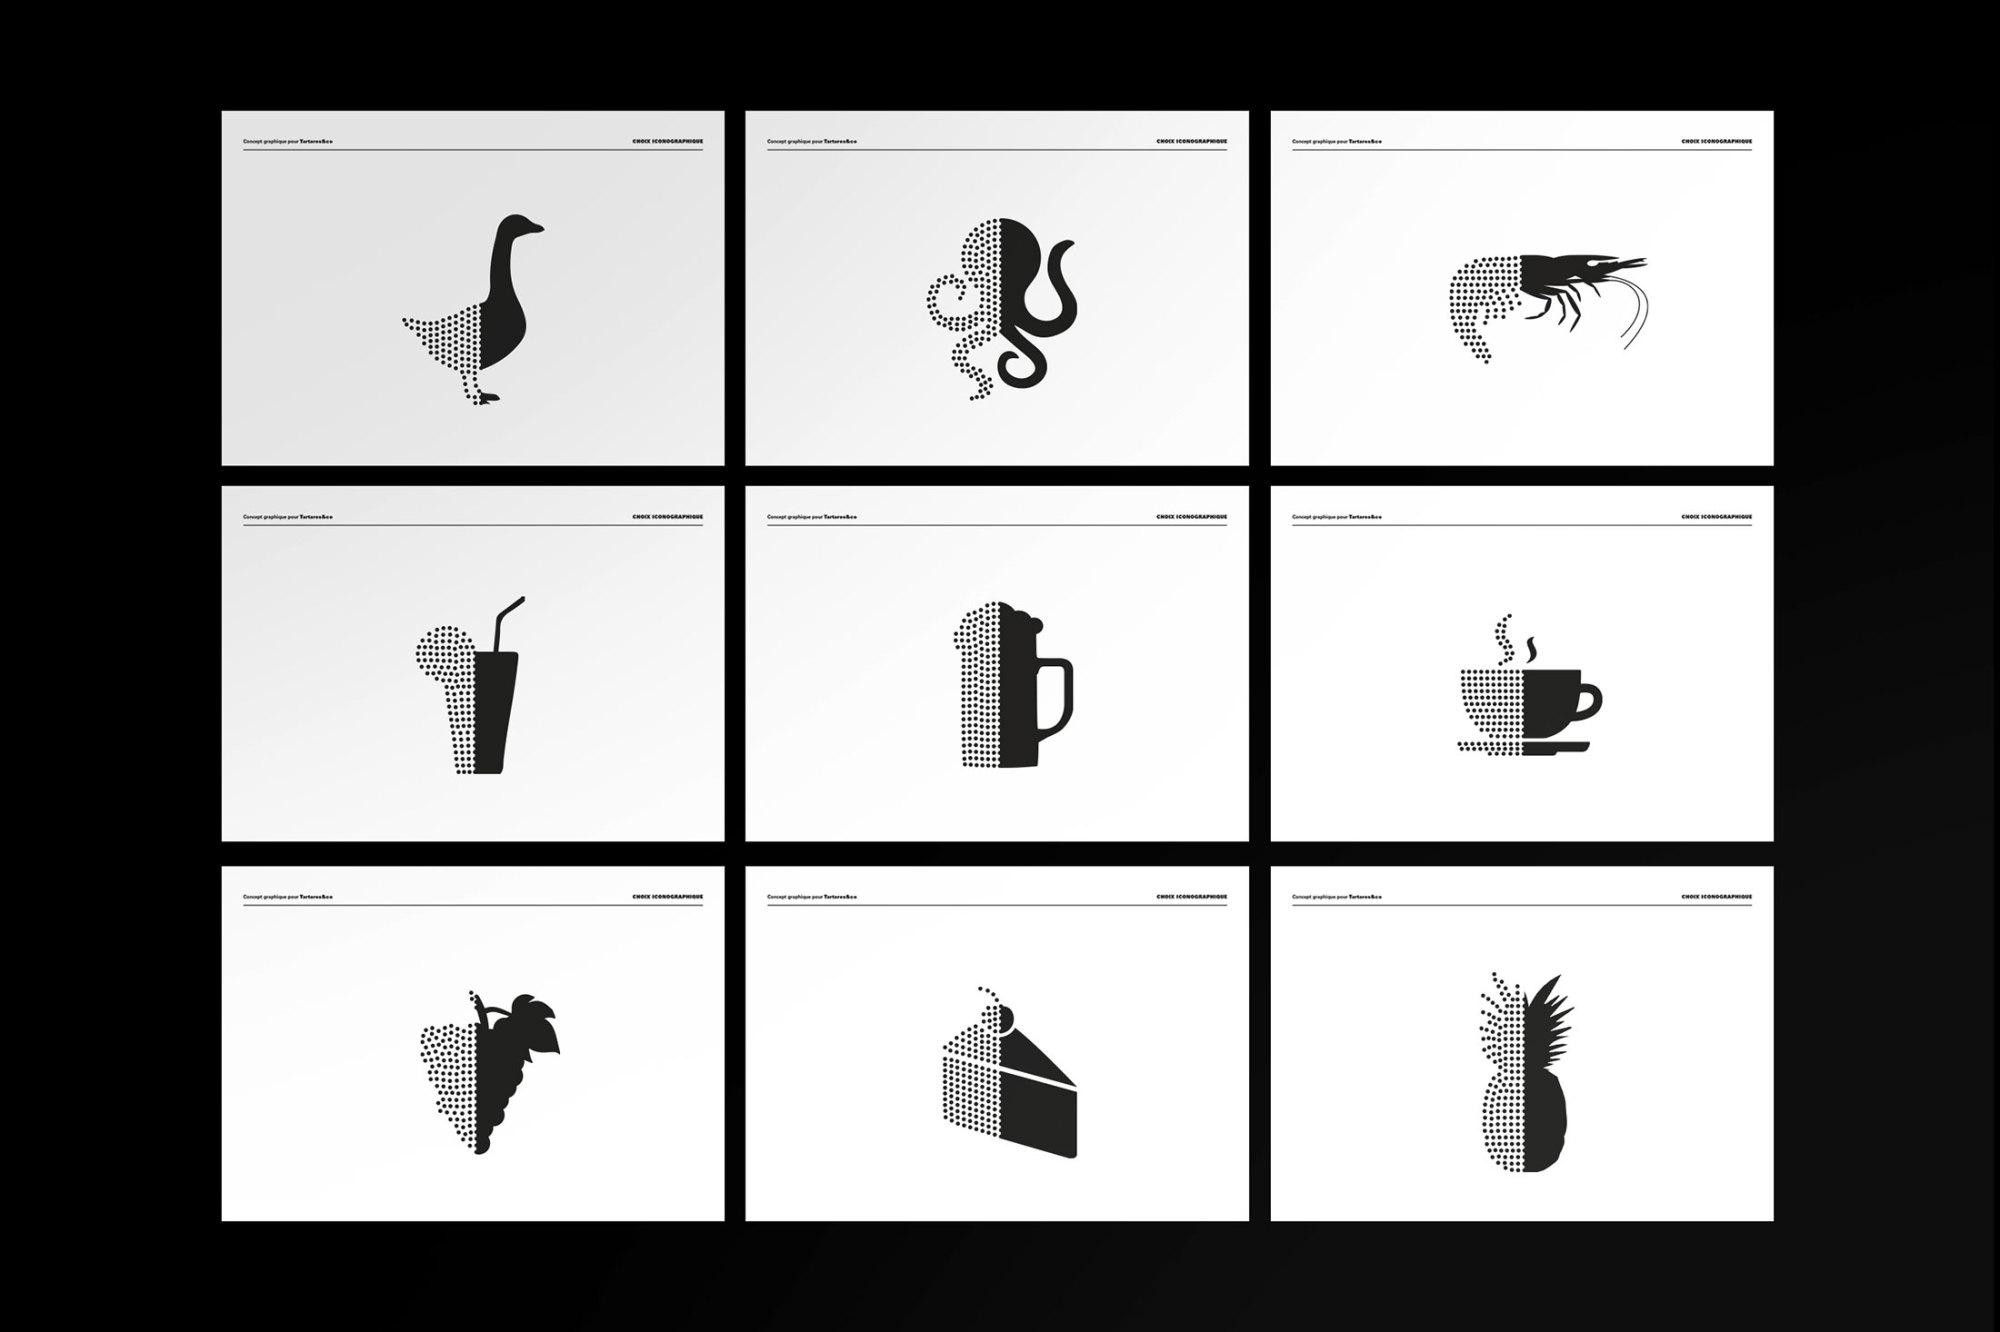 Graphisme Geneve graphic design graphique direction artistique logo identité visuelle identity branding brand  tartares & co bar restaurant grand prix 2015  layout charte graphique pictogrammes icons